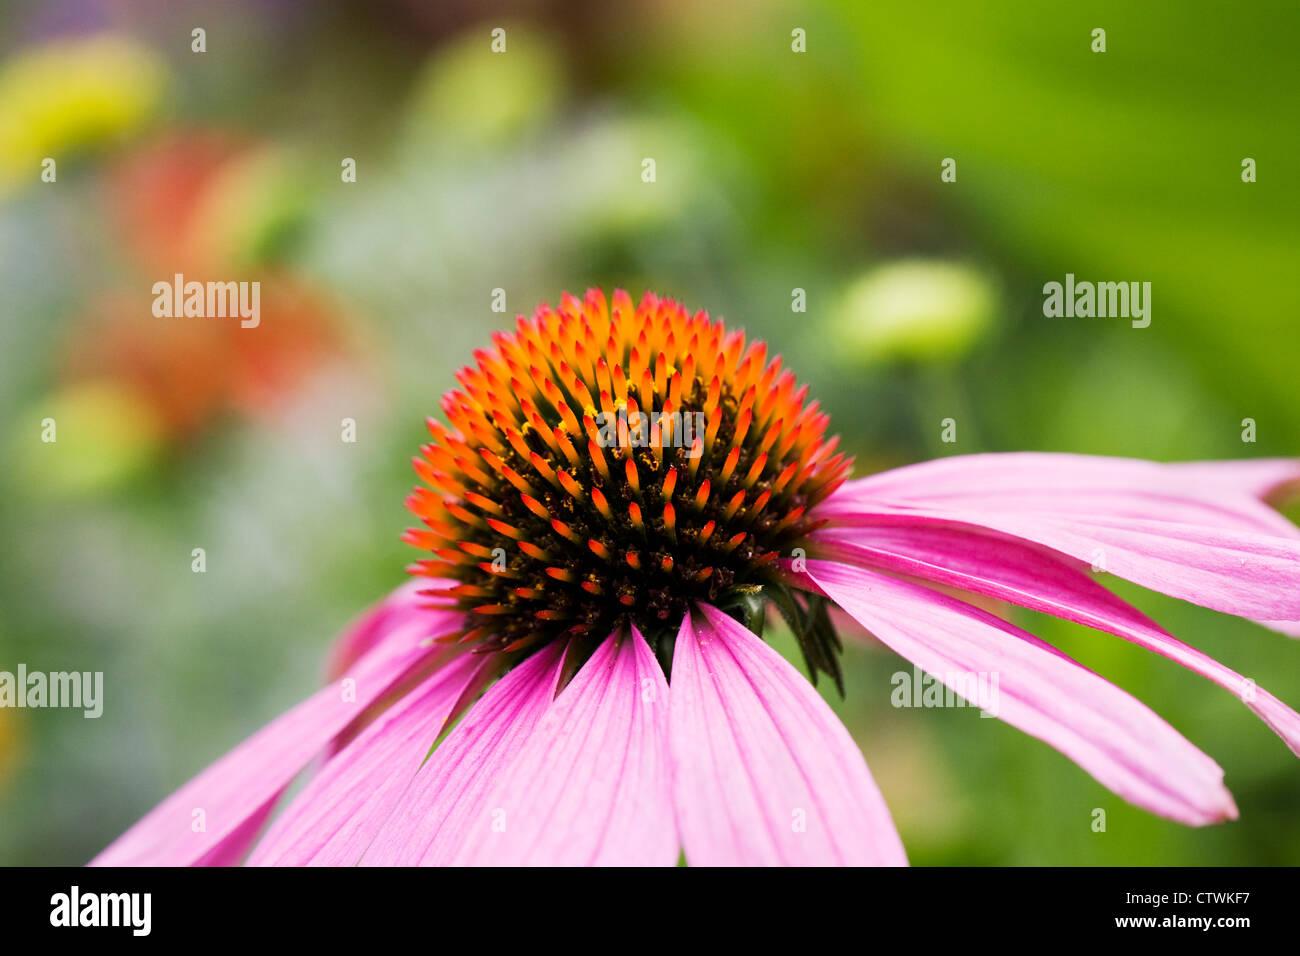 Echinacea Purpurea Blütenstand in eine krautige Grenze. Sonnenhut. Stockbild